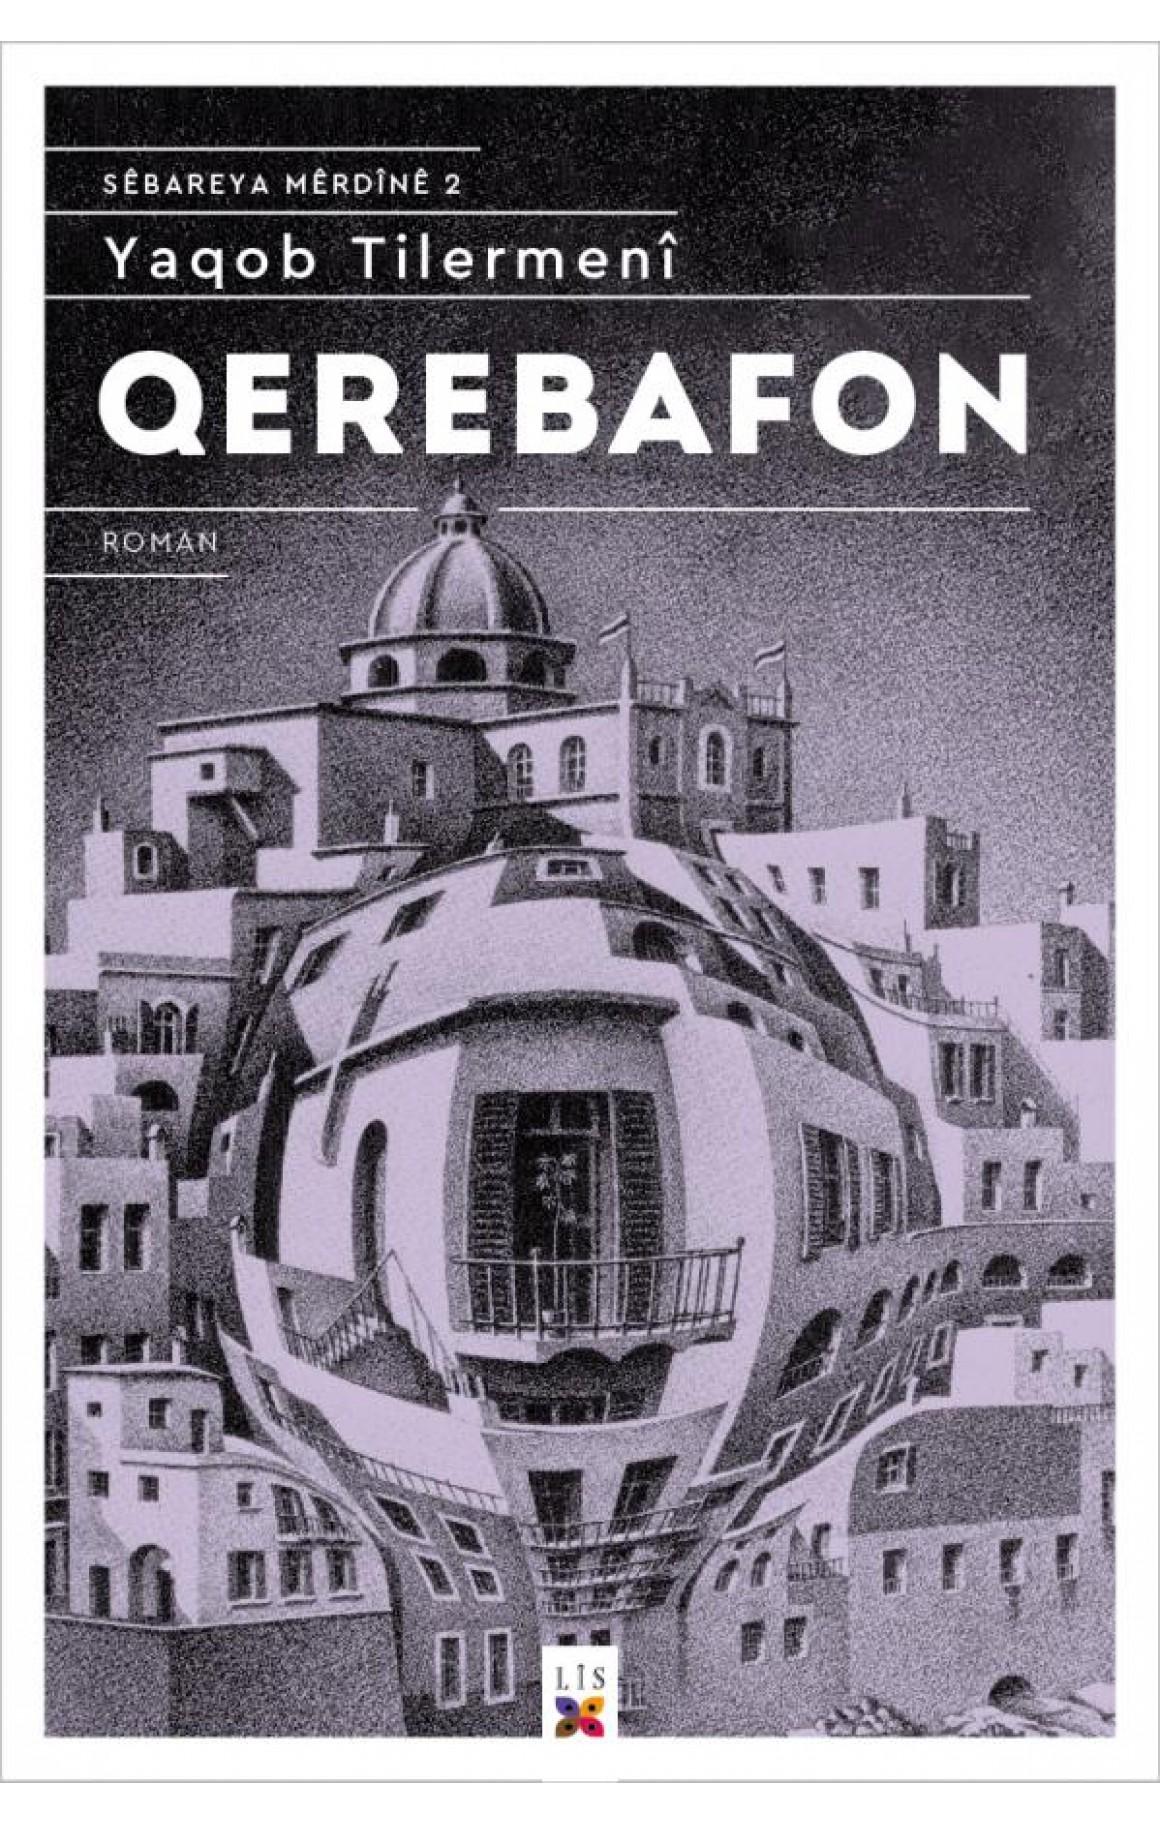 Qerebafon